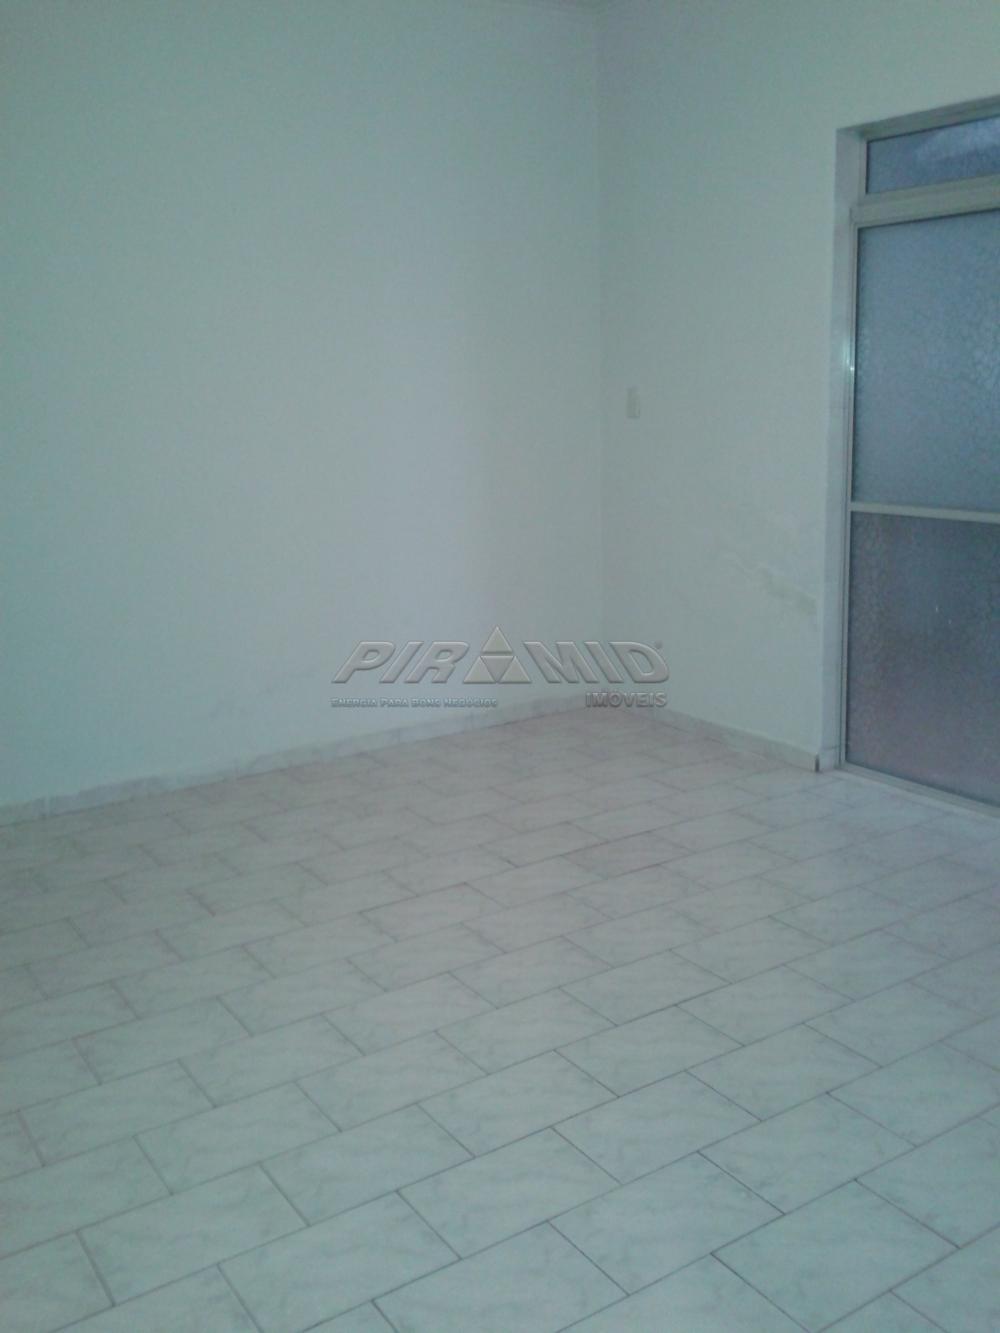 Alugar Casa / Padrão em Ribeirão Preto apenas R$ 950,00 - Foto 9